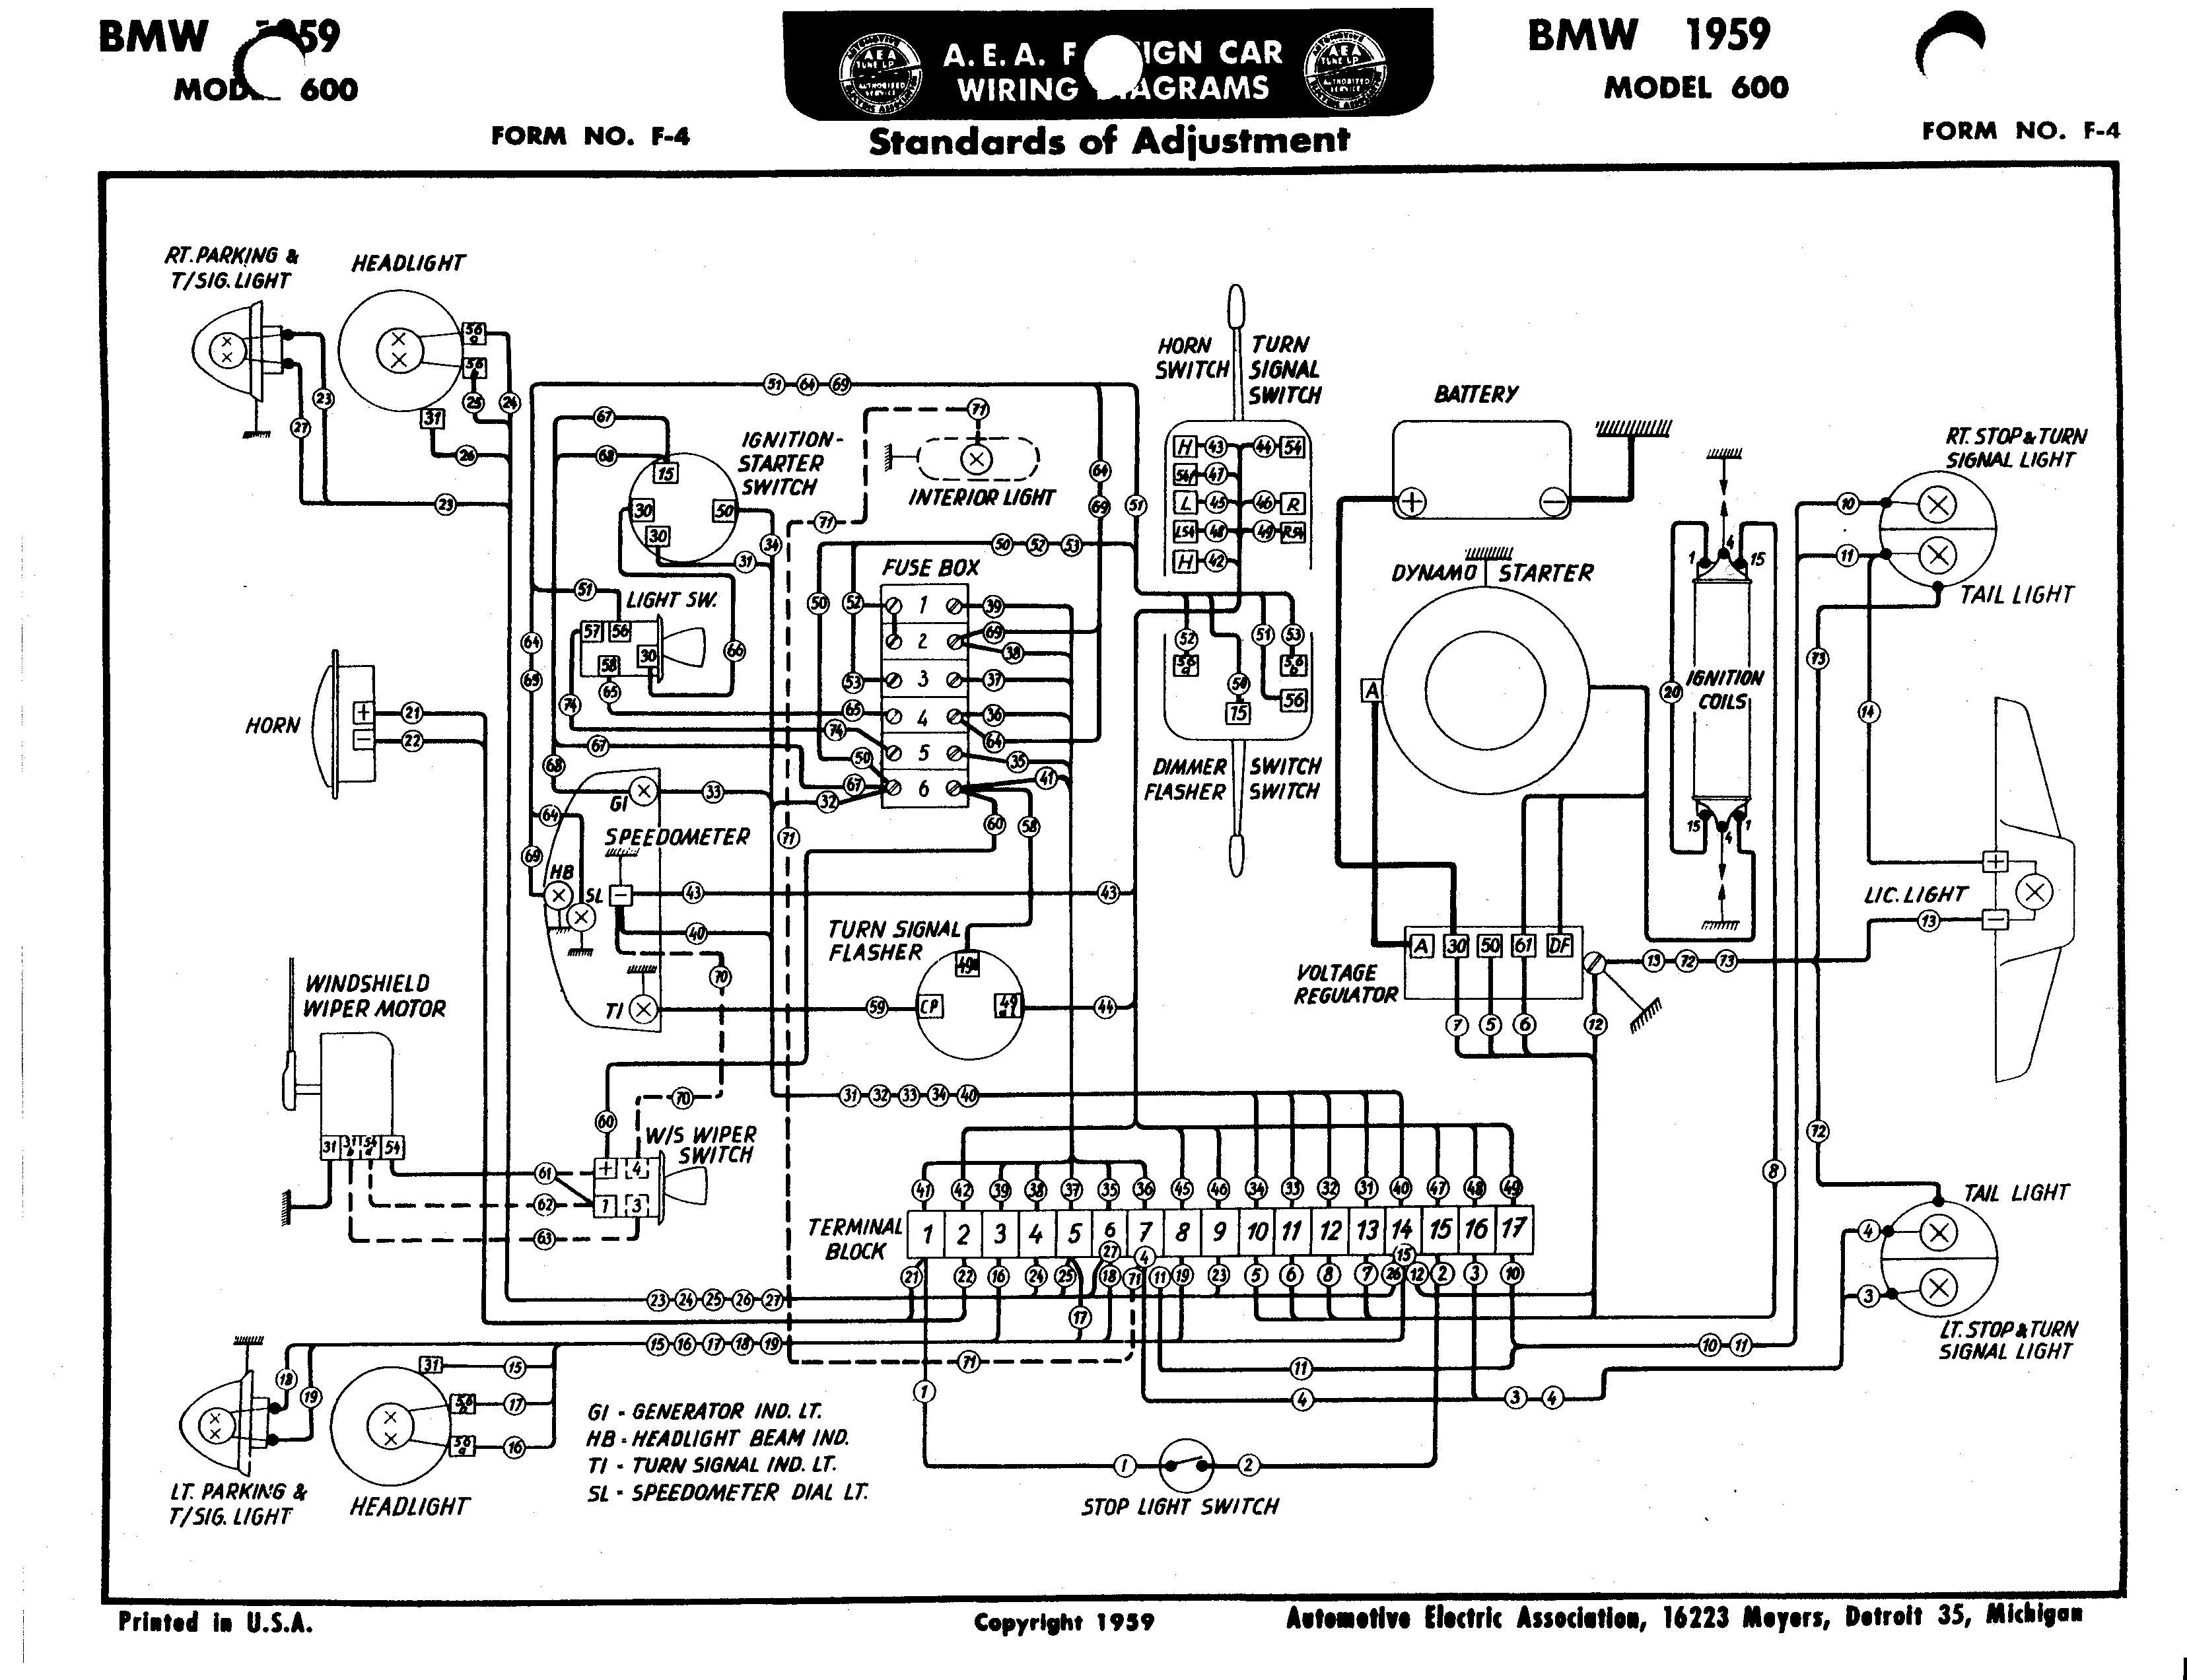 Volvo Penta Dynastart Wiring Diagram -Mercedes Benz S550 Fuse Box | Begeboy Wiring  Diagram Source | Bmw Isetta Wiring Diagram |  | Bege Wiring Diagram - Begeboy Wiring Diagram Source